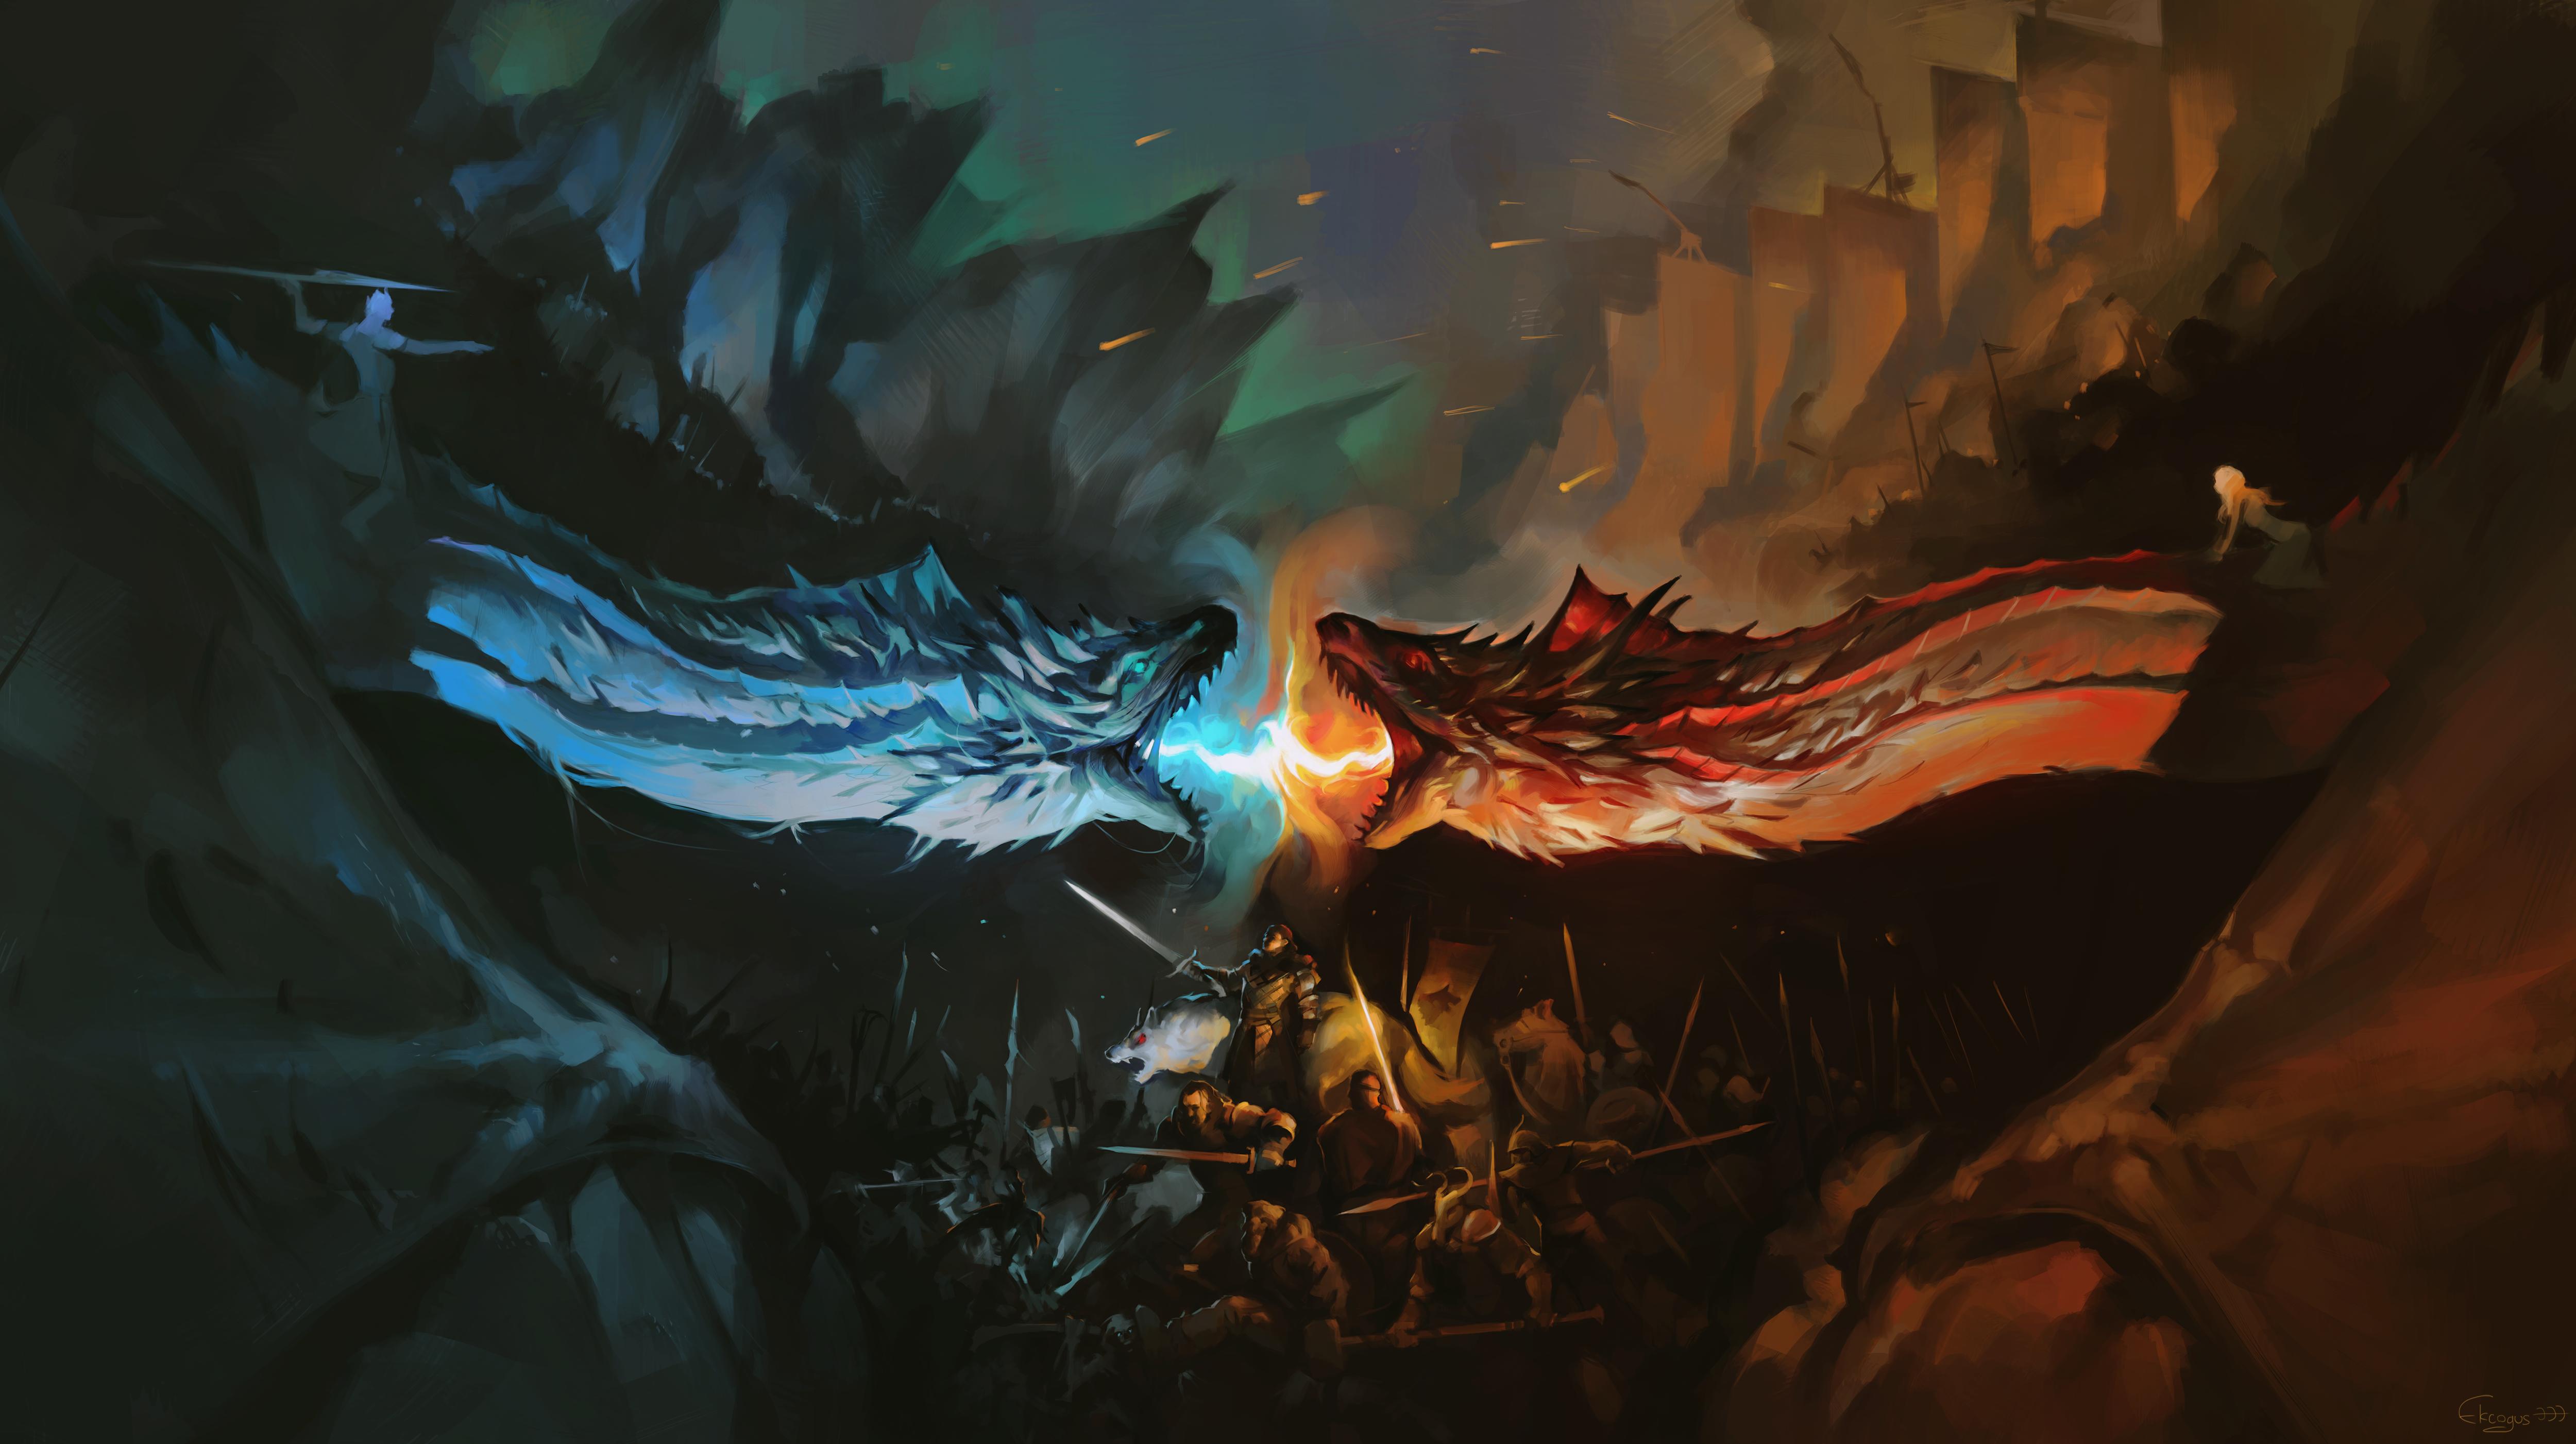 Game Of Thrones 4k Ultra Hd Wallpaper Hintergrund